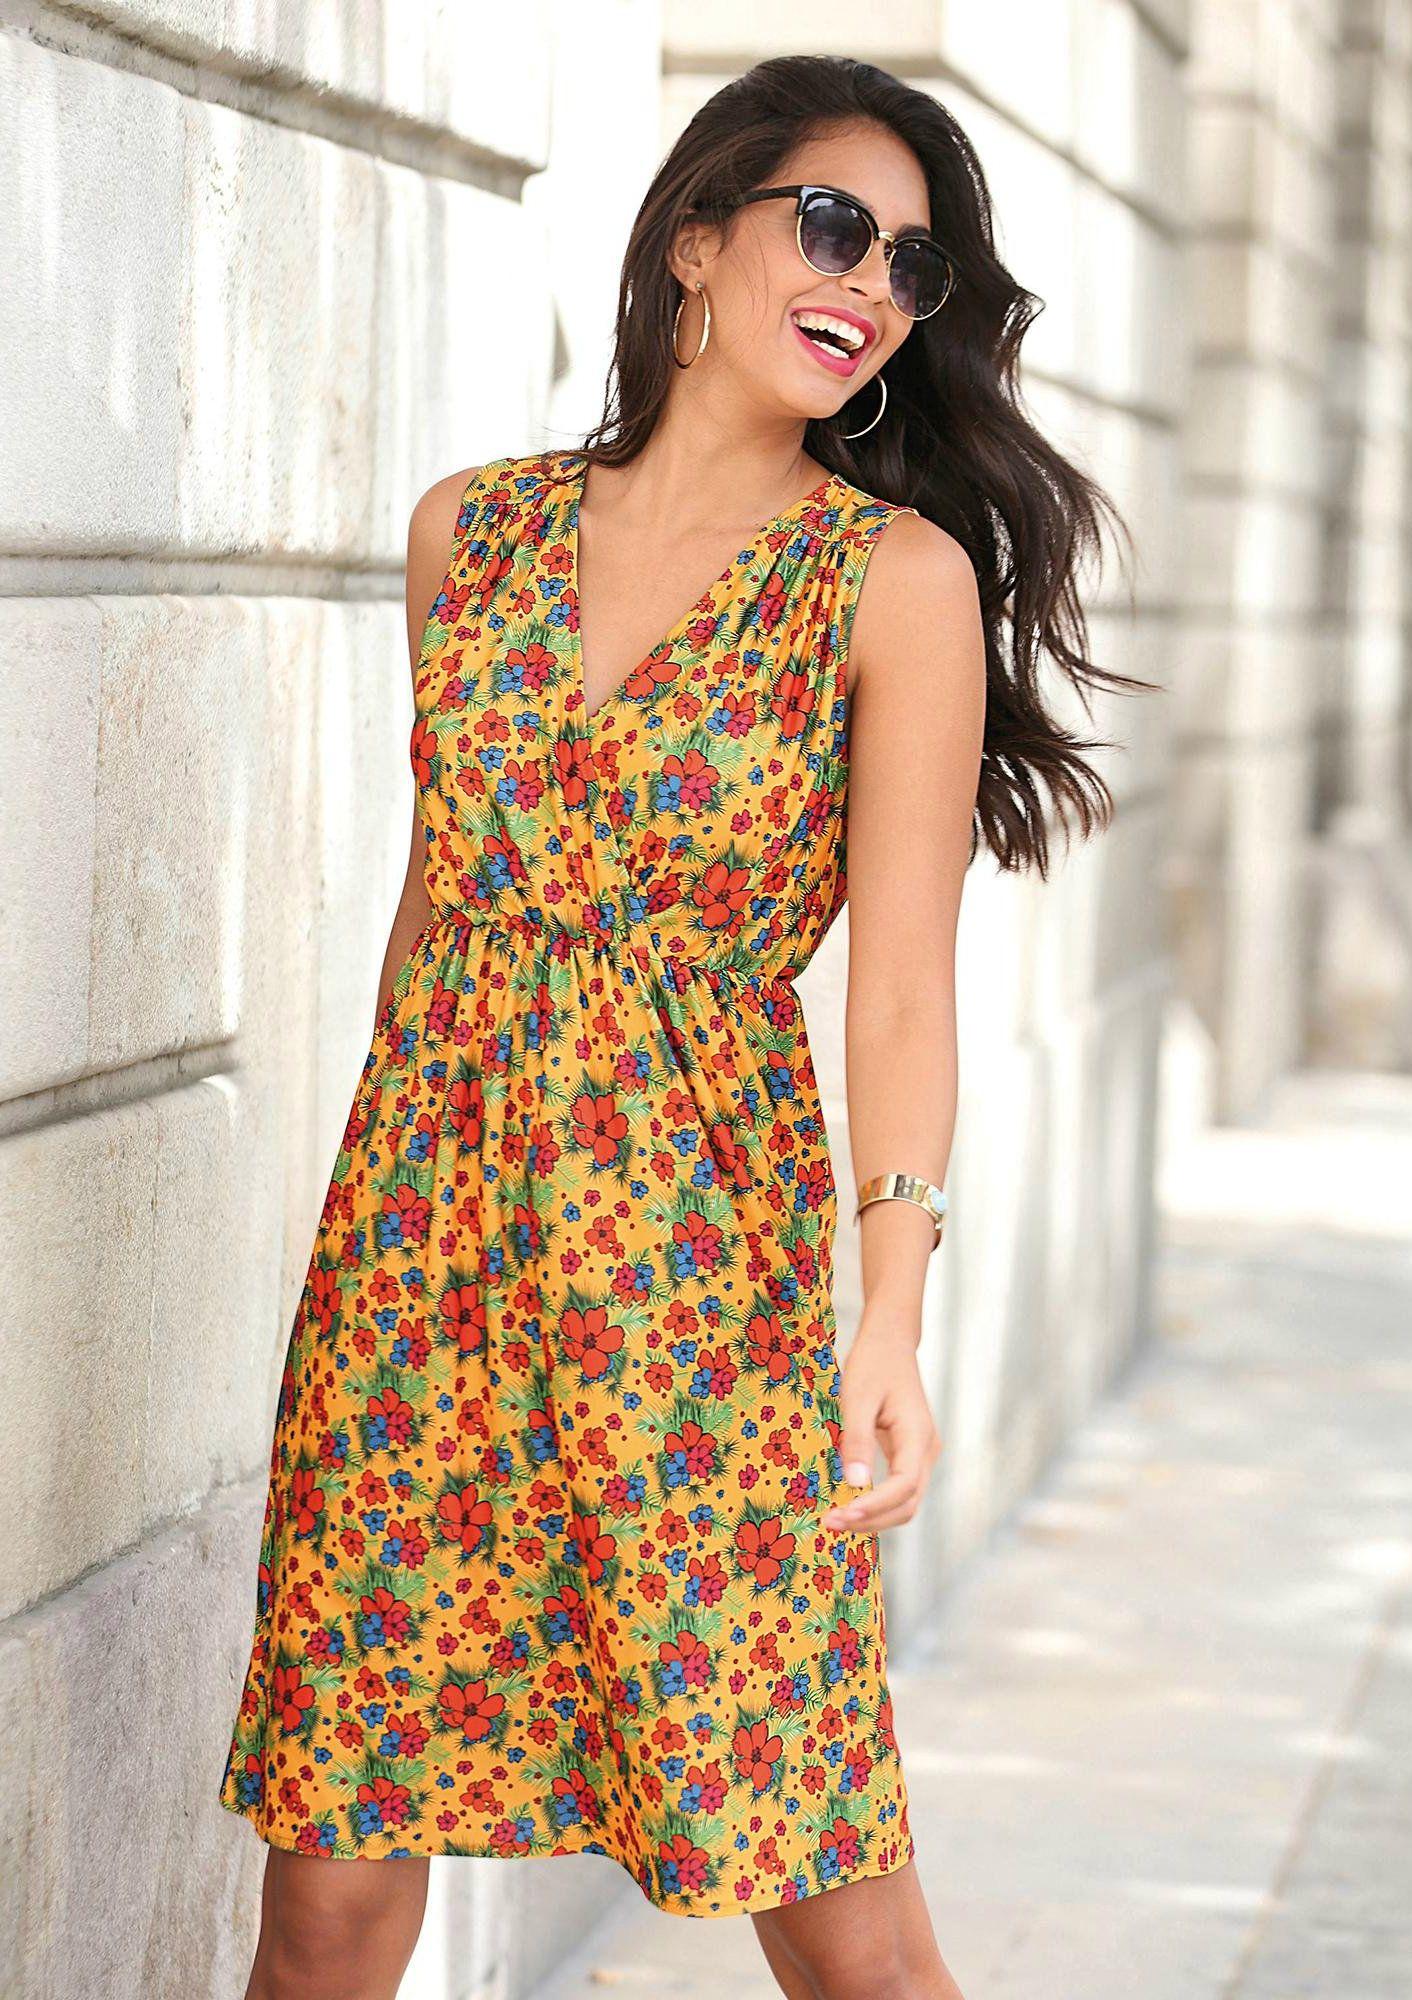 357d0cb10c8 Robe courte femme Exclusivité 3SUISSES - Imprimé